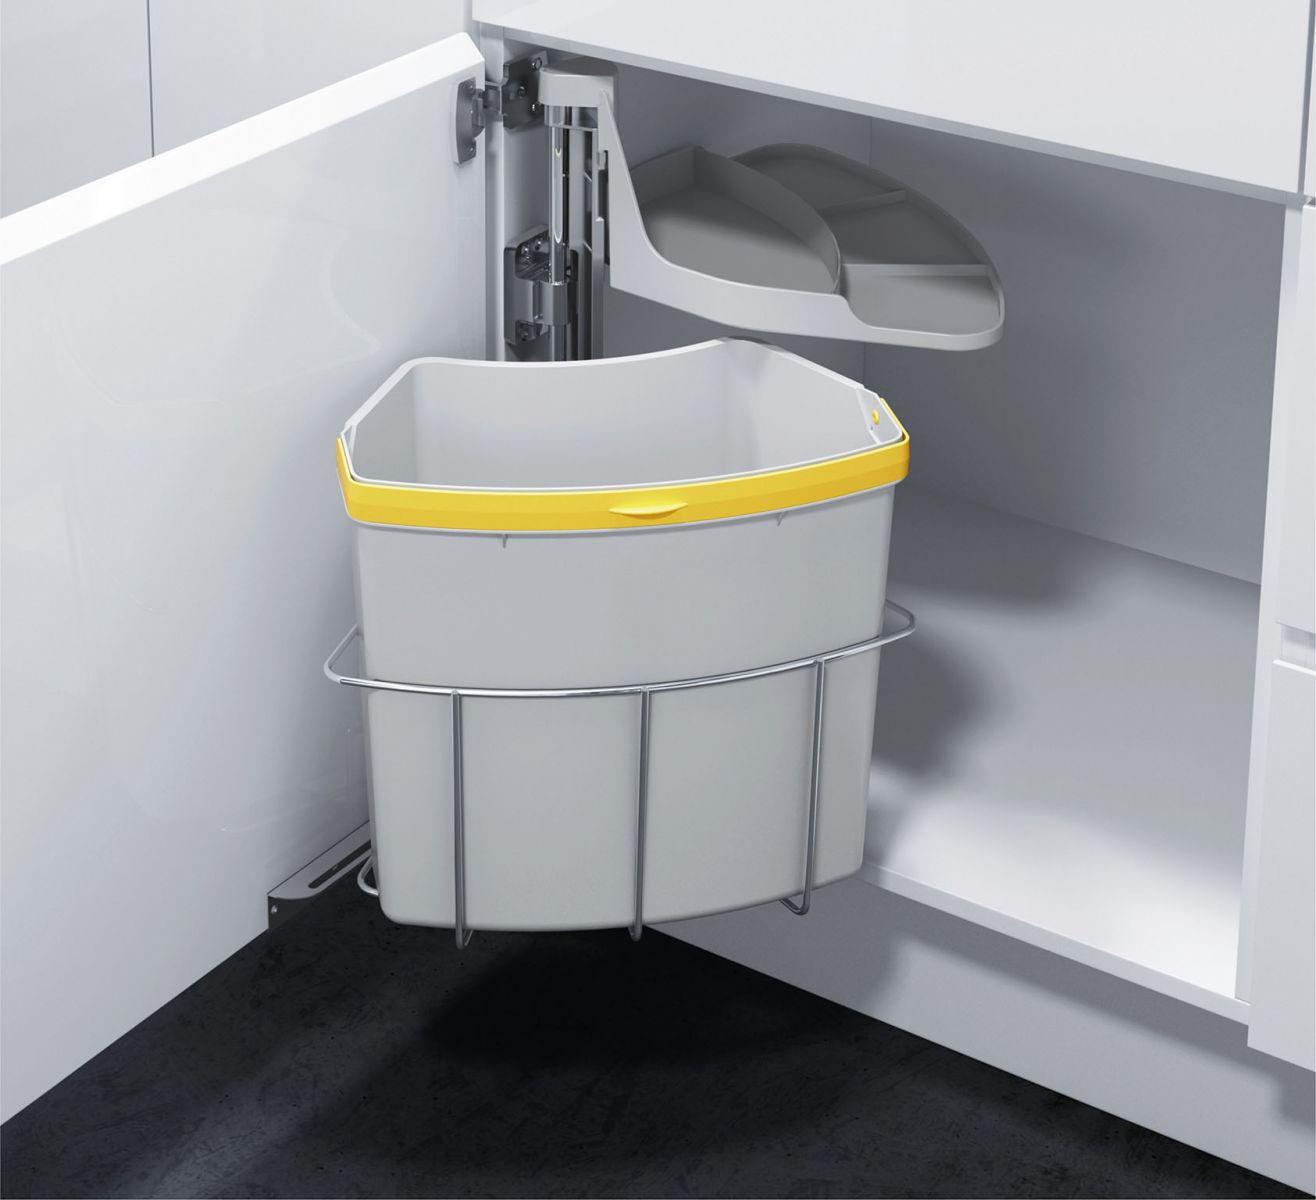 Giải pháp thùng rác âm tủ thông minh | Nội Thất Âu Mỹ